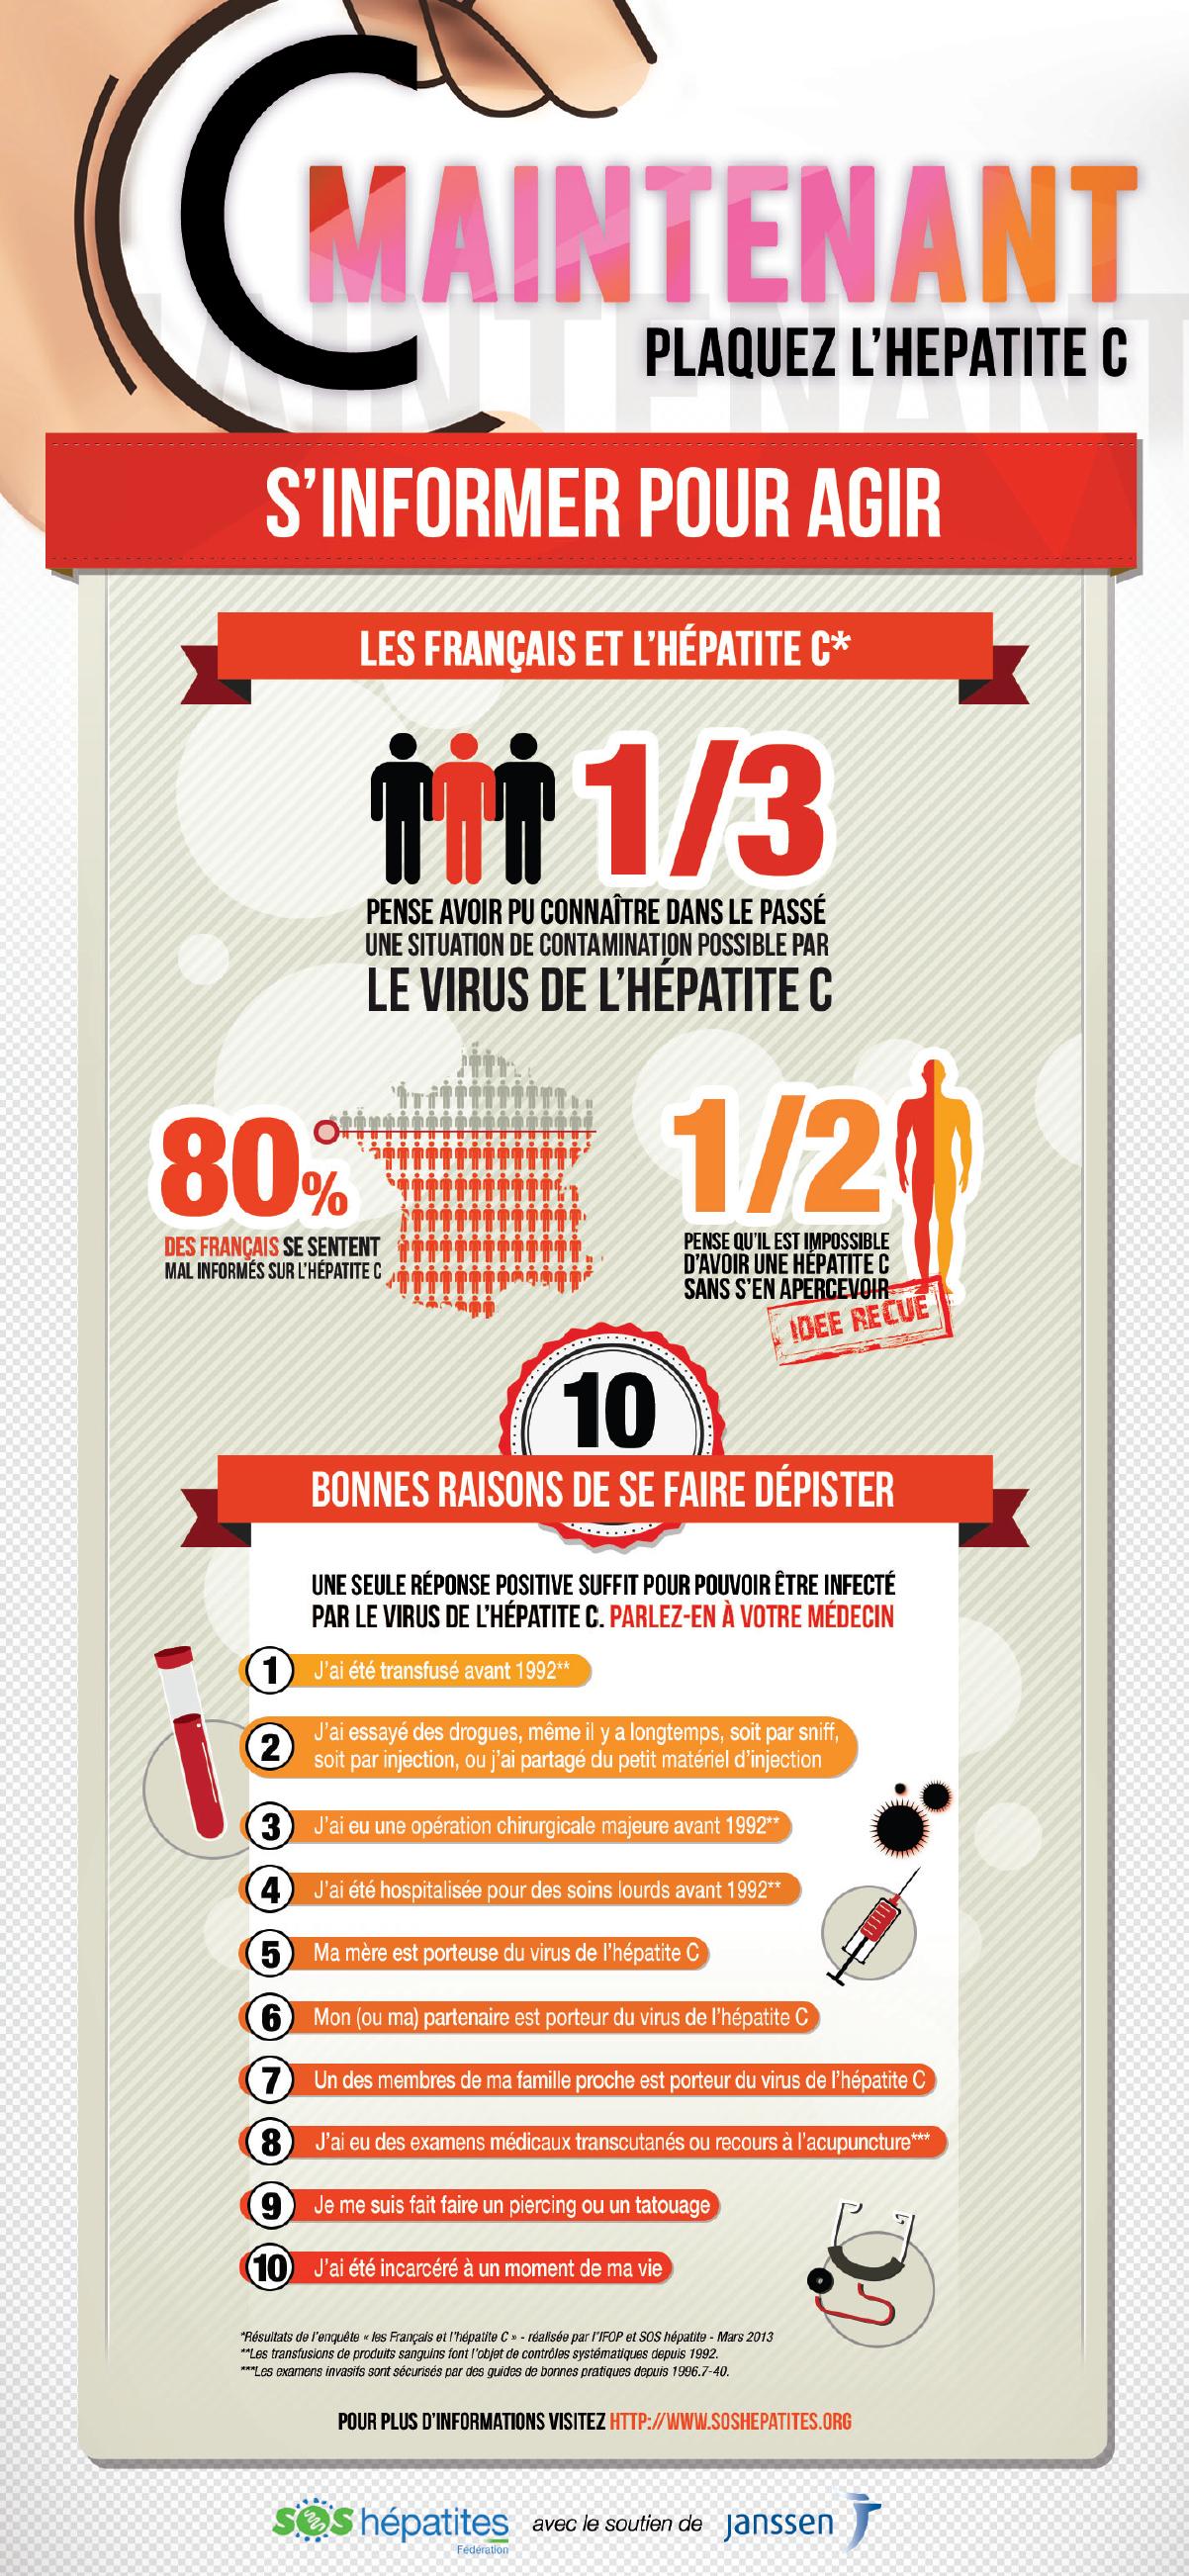 Nouvelle campagne pour sensibiliser sur l'hépatite C